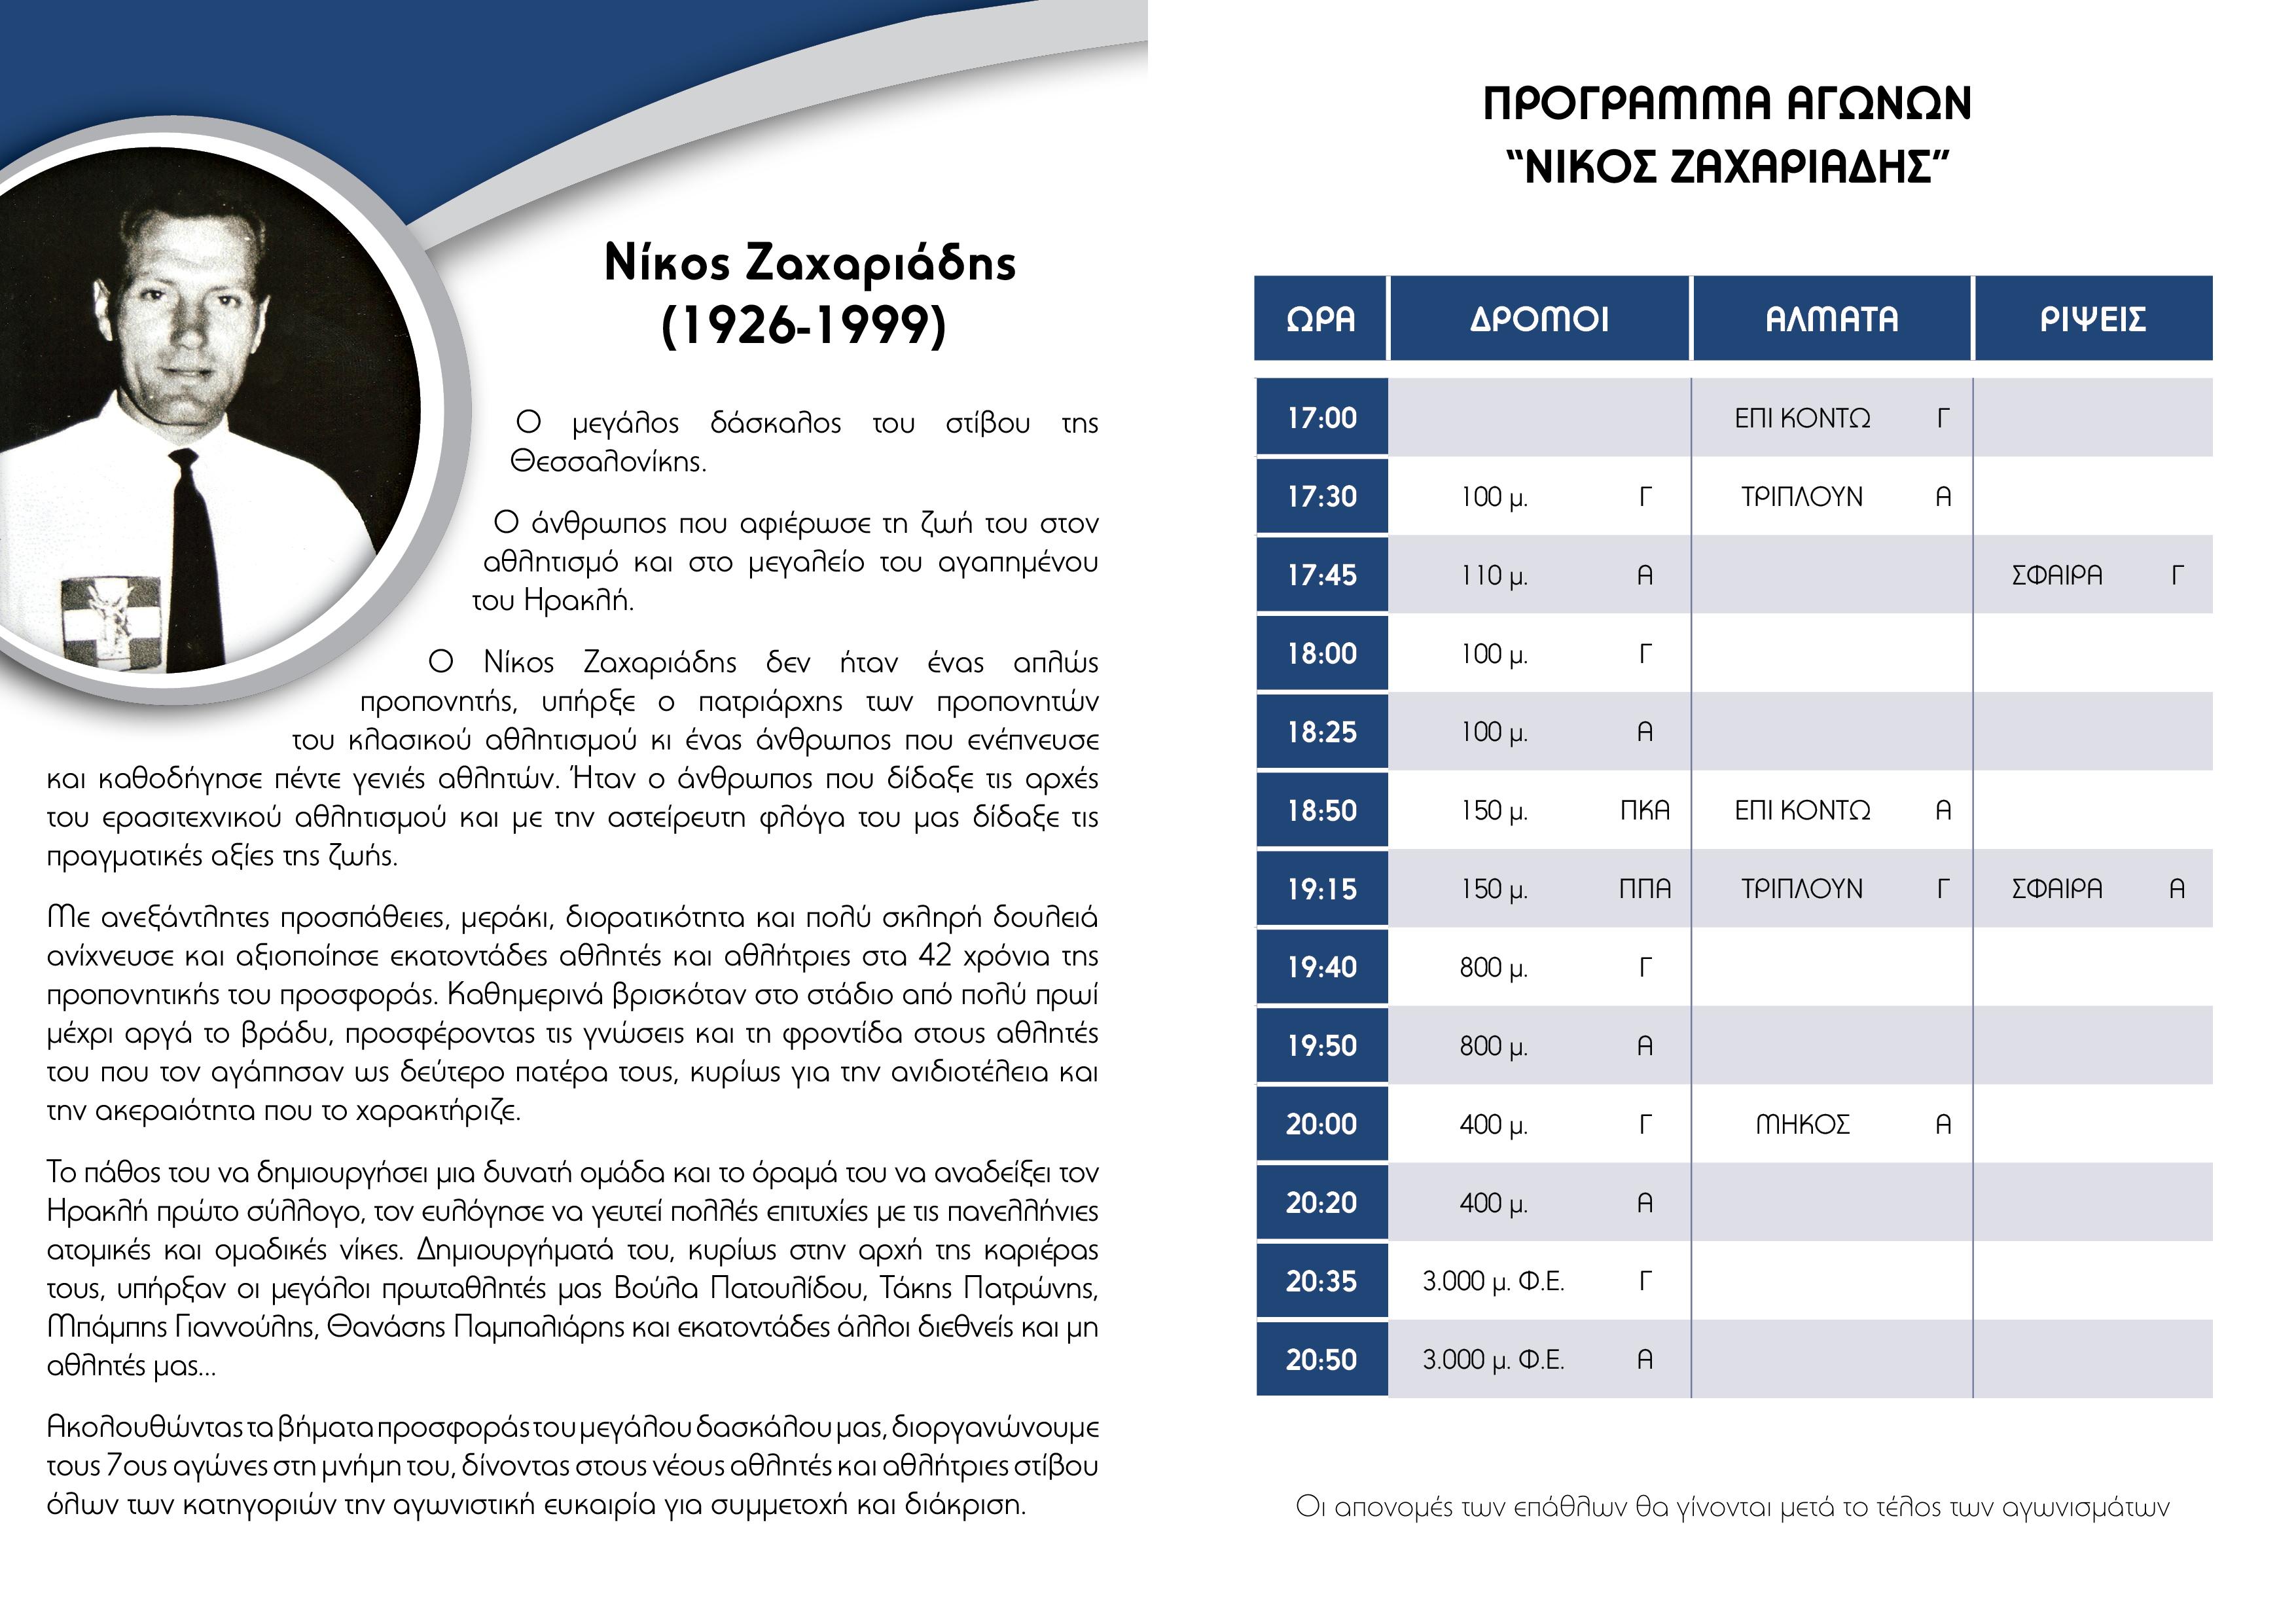 Πρόγραμμα Ζαχαριάδεια 2016(Μέσα)